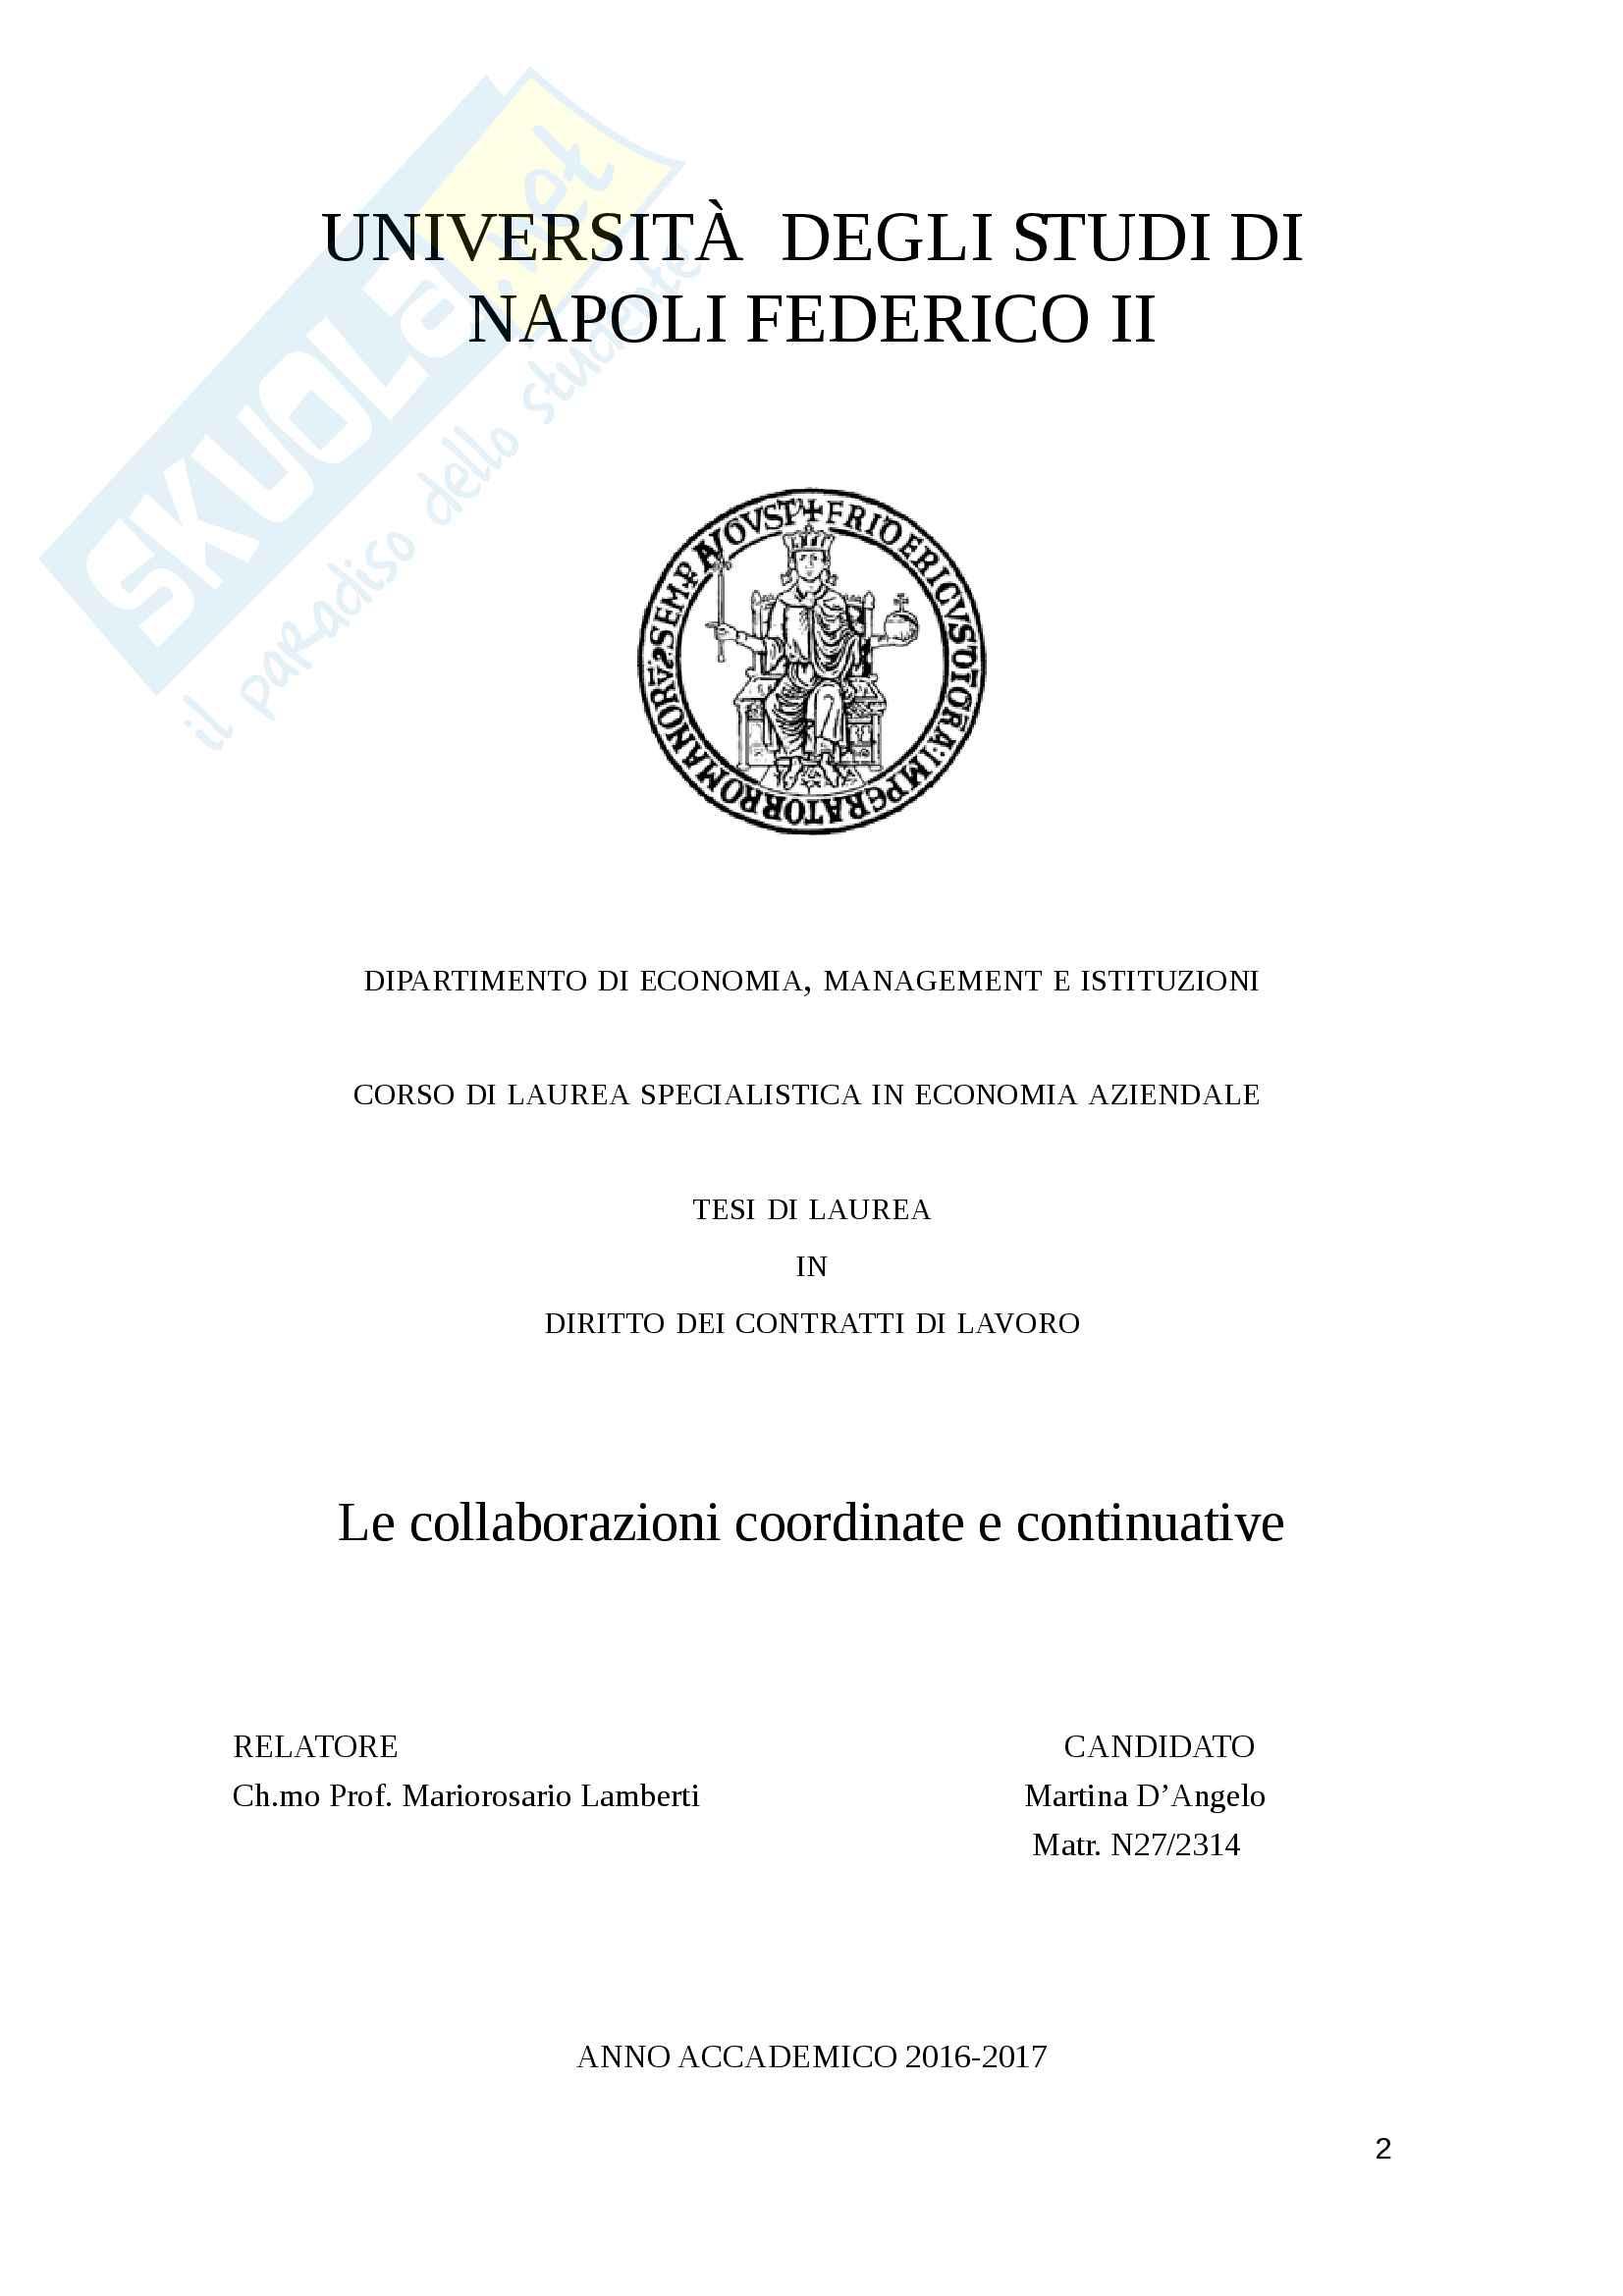 """Tesi di laurea dal titolo """"Le collaborazioni coordinate e continuative"""" Pag. 2"""